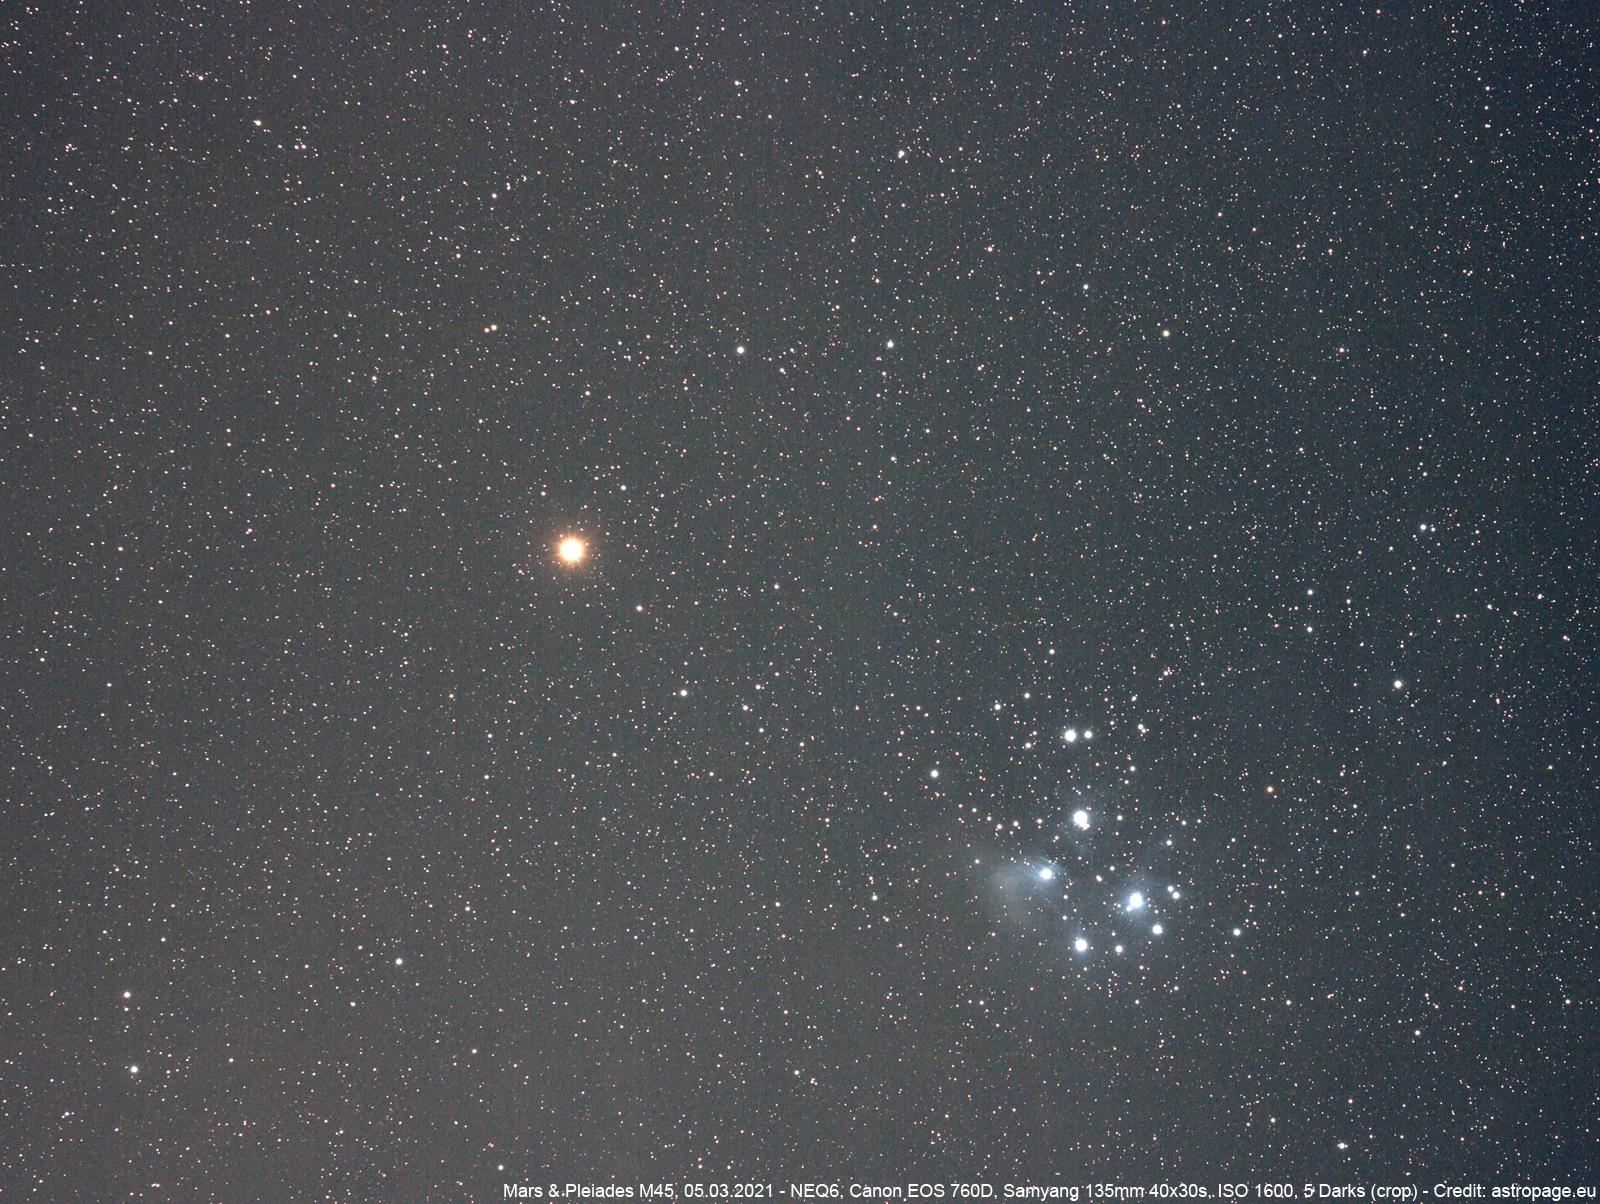 Mars & Plejaden, 05.03.2021. (Credits: astropage.eu)